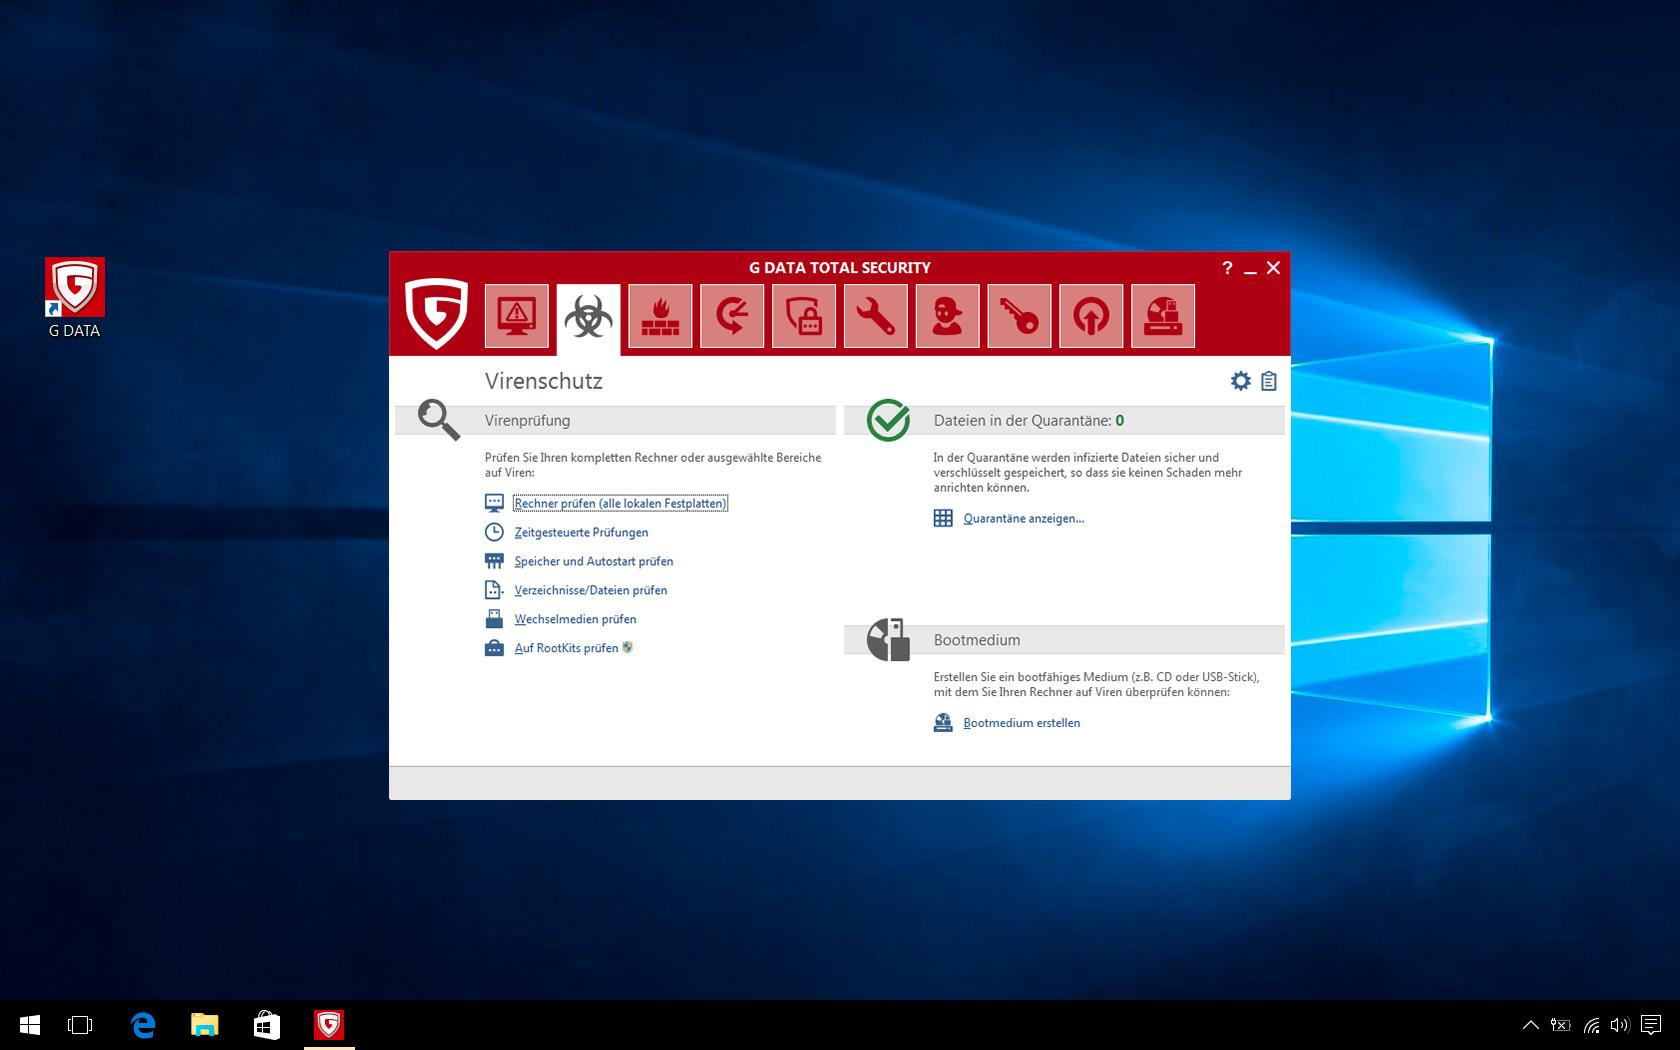 G_DATA_Screenshot_TS_2019_Virenschutz.jpg